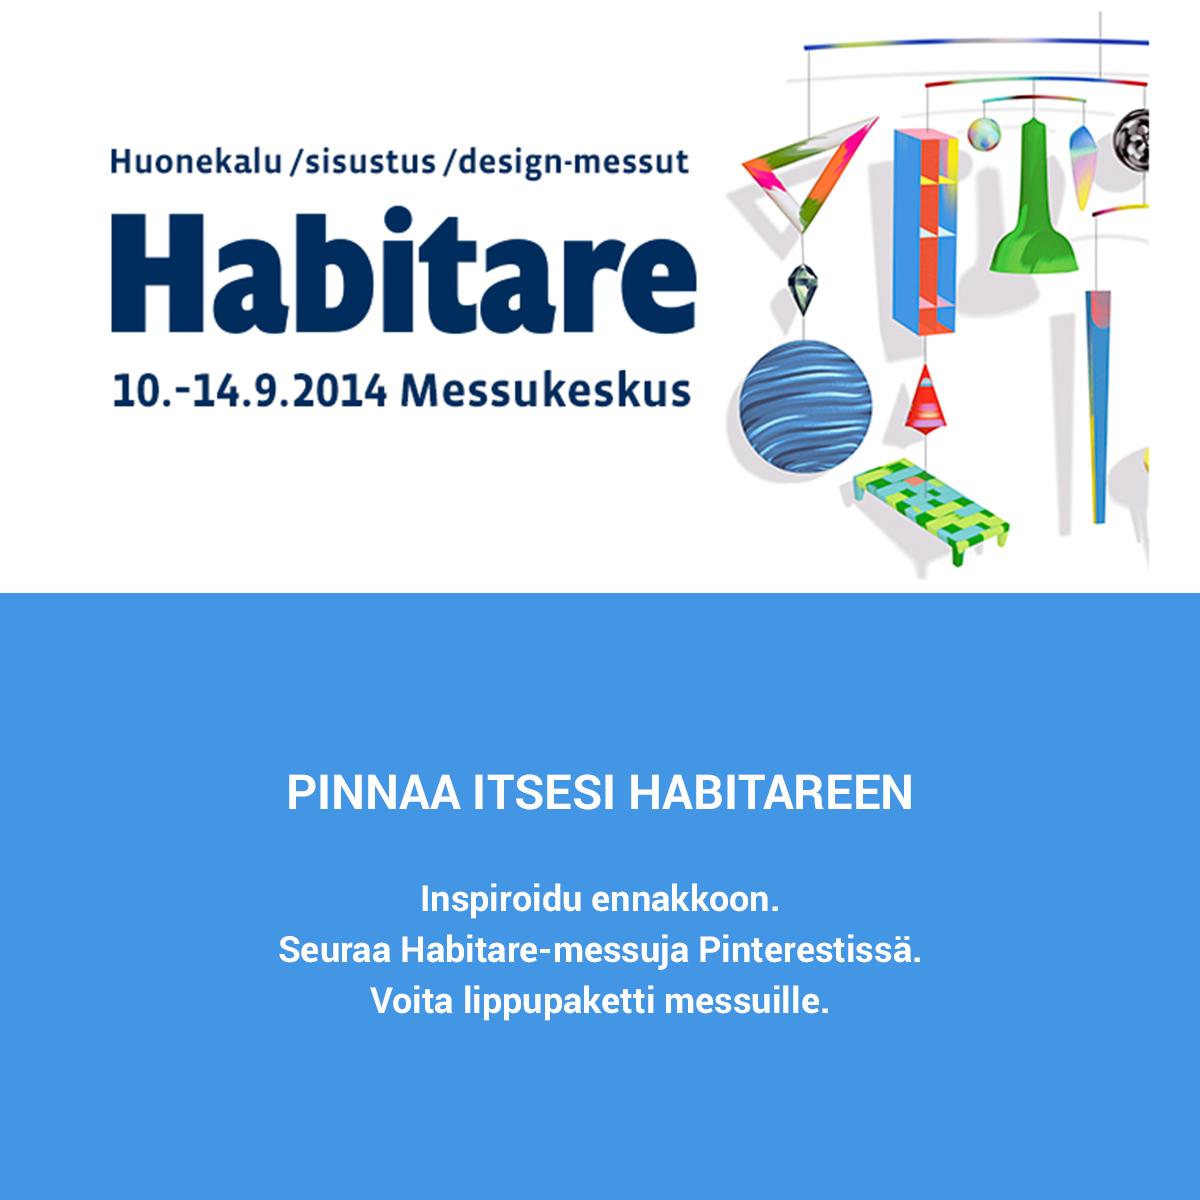 Inspiroidu Habitaresta ennakkoon. Osallistu! #habitare2014 #design #sisustus #messut #helsinki #messukeskus